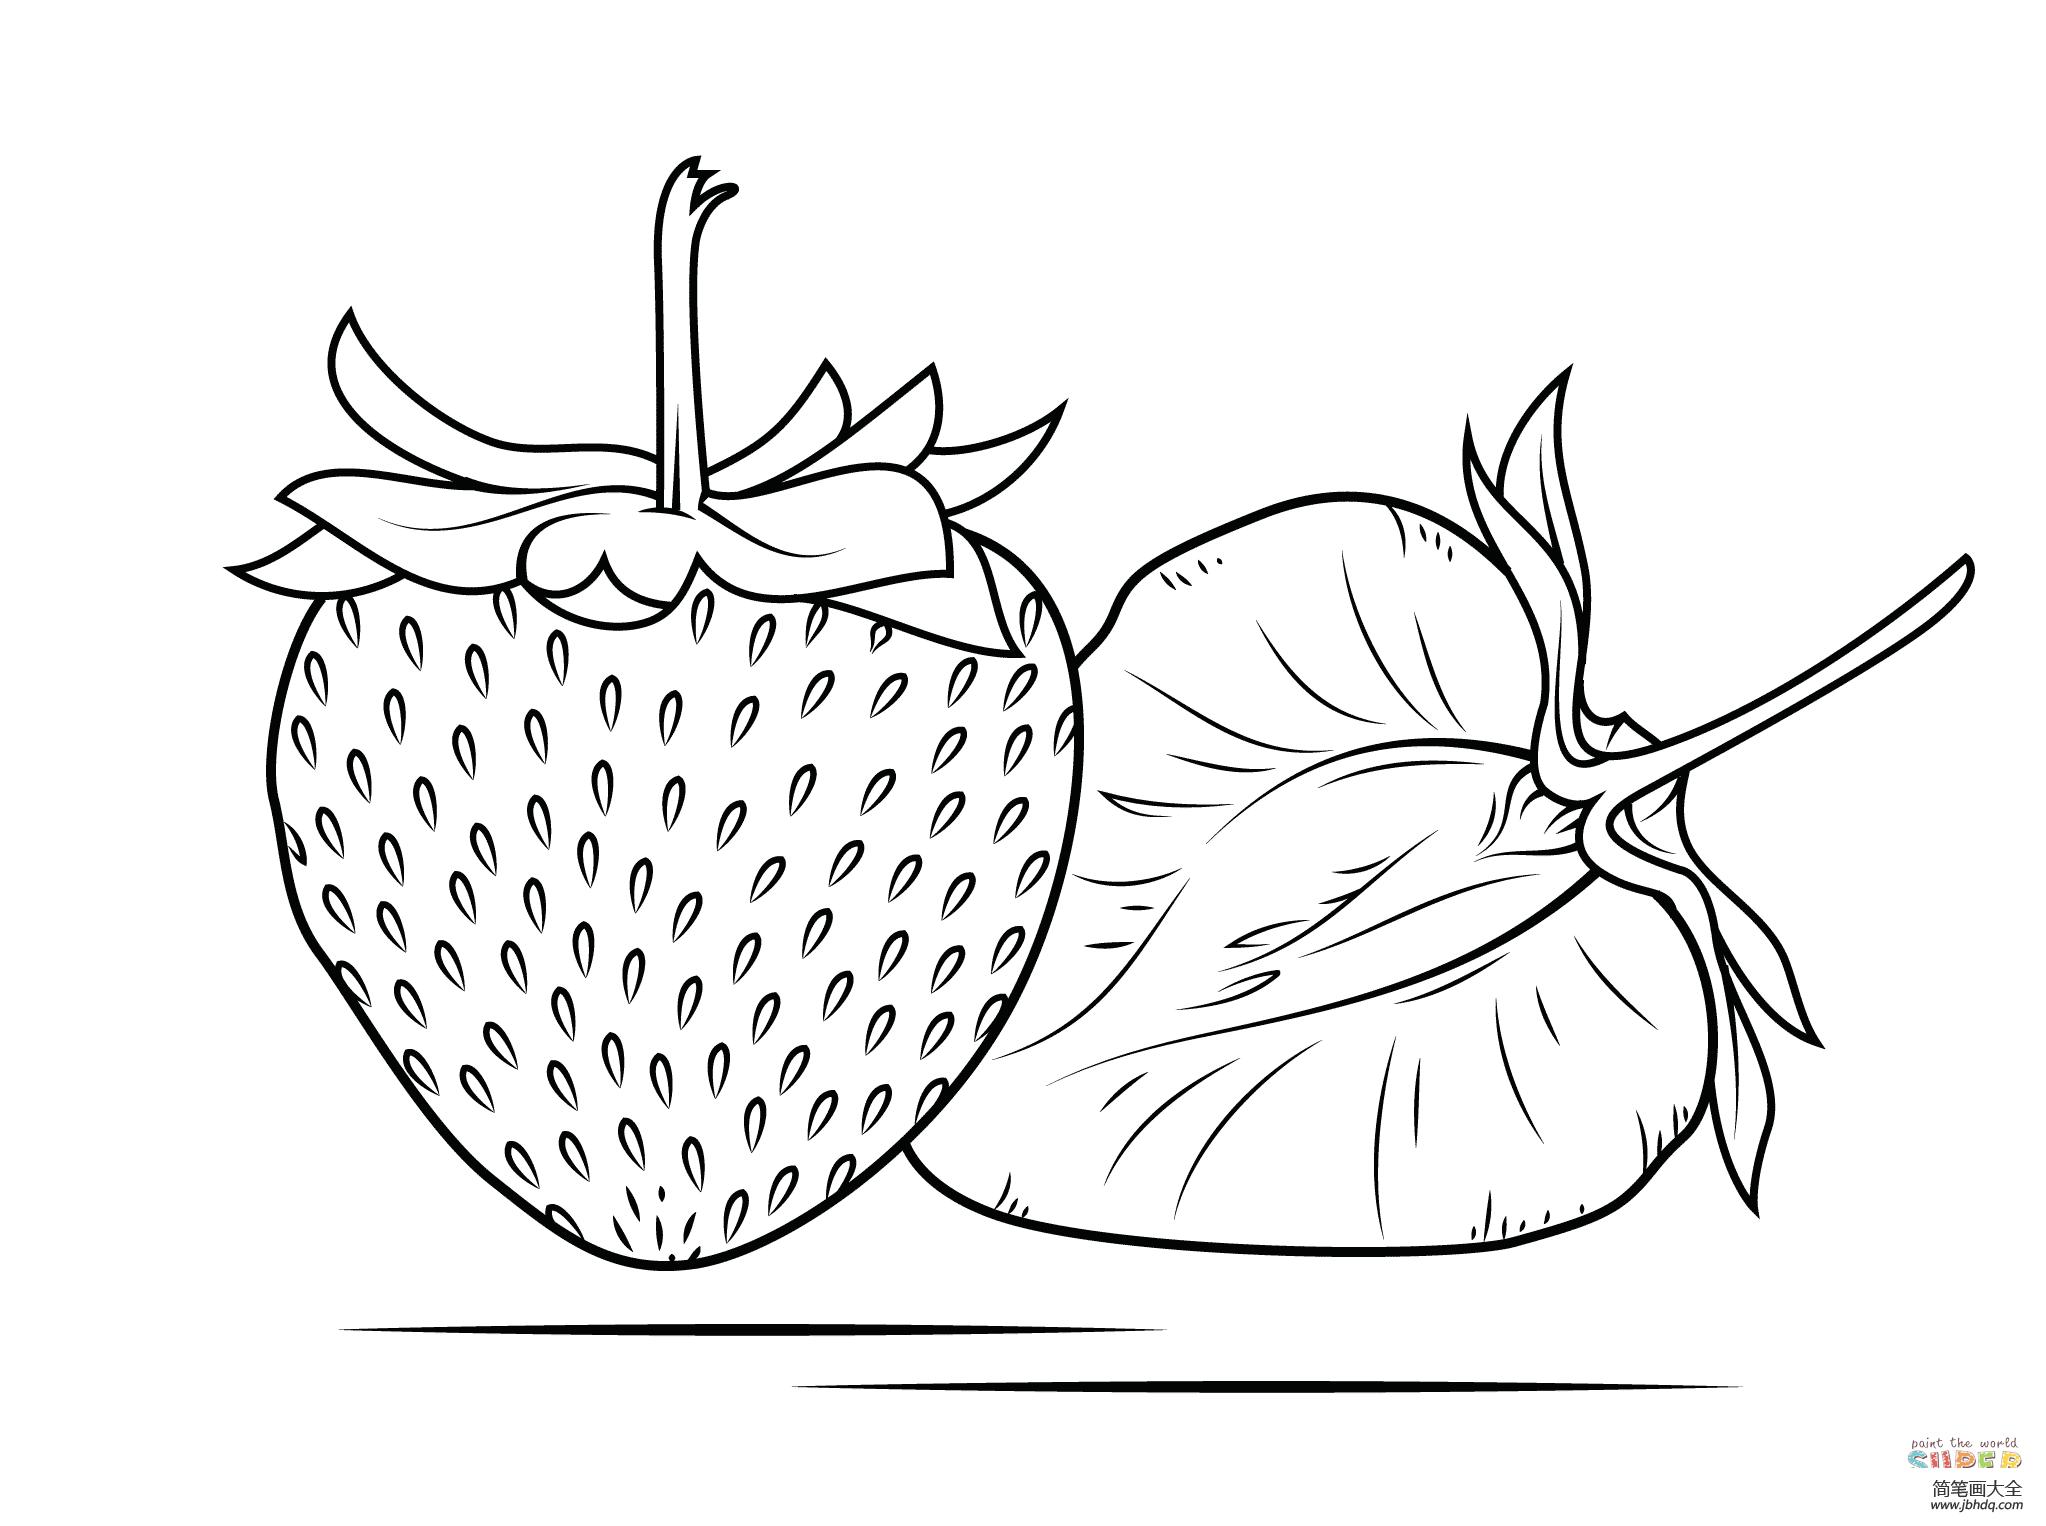 [草莓的切面怎么用]草莓的切面怎么画